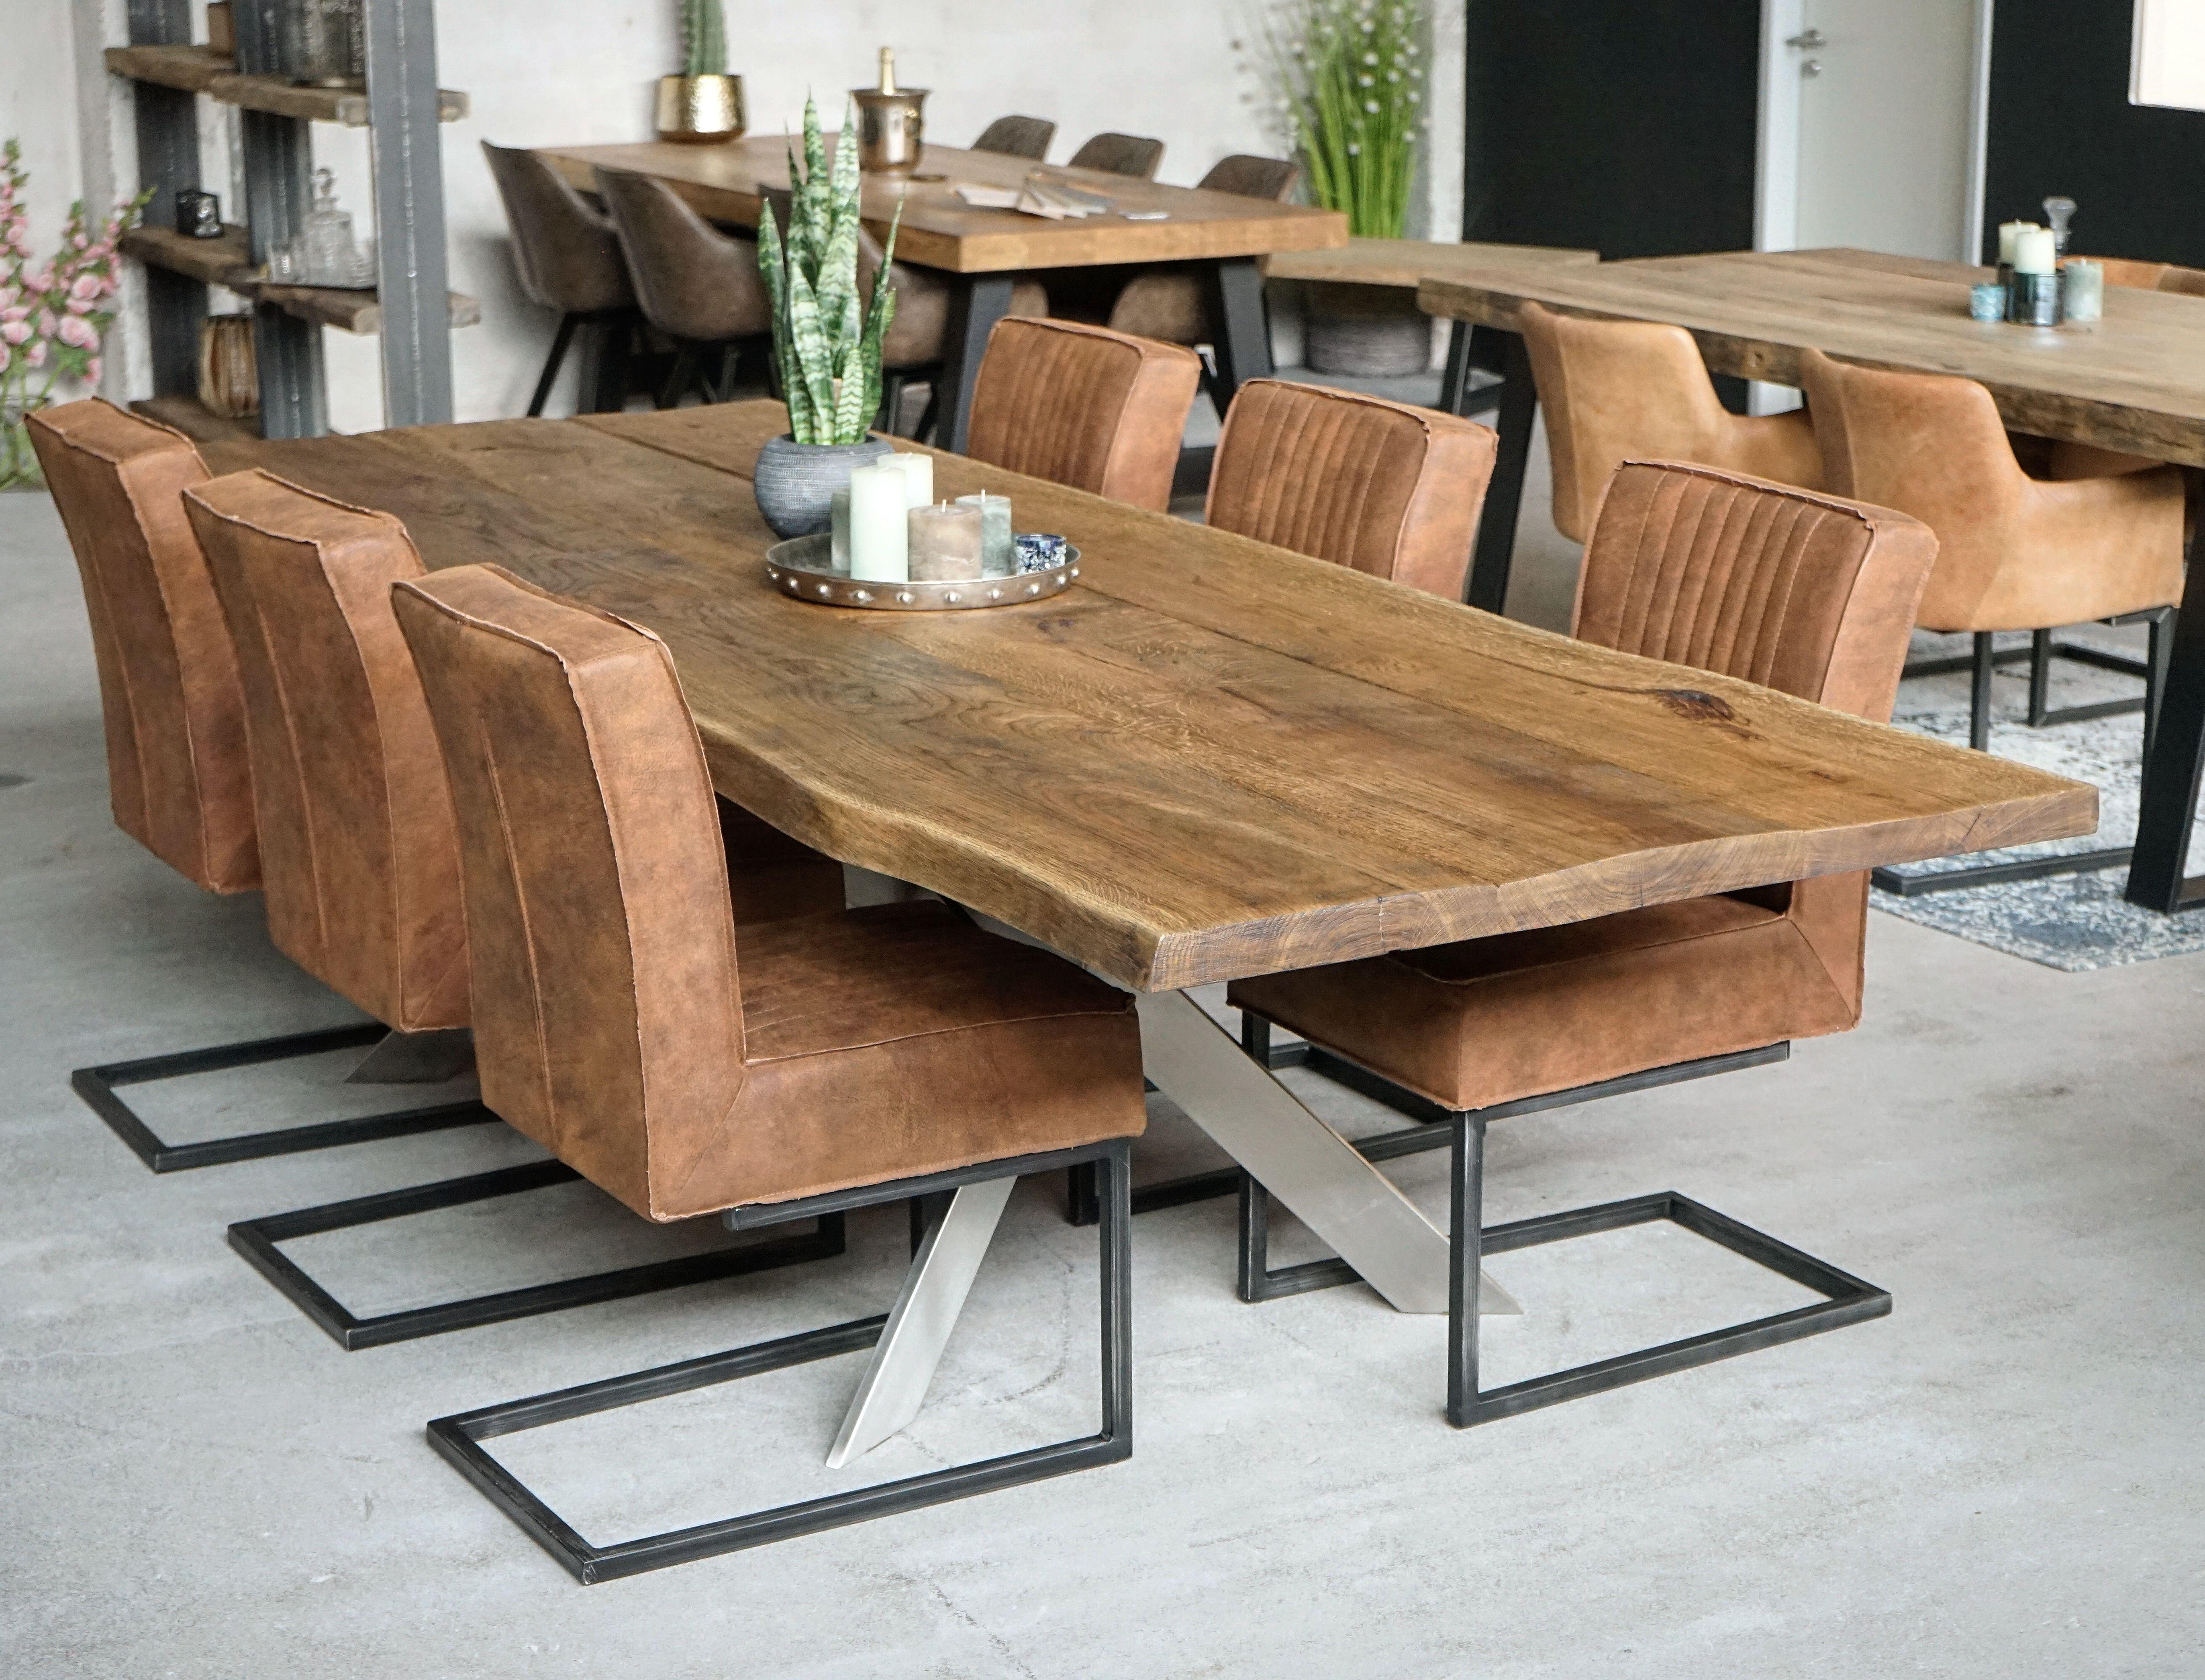 Pin auf Holztisch, Bank und Stühle